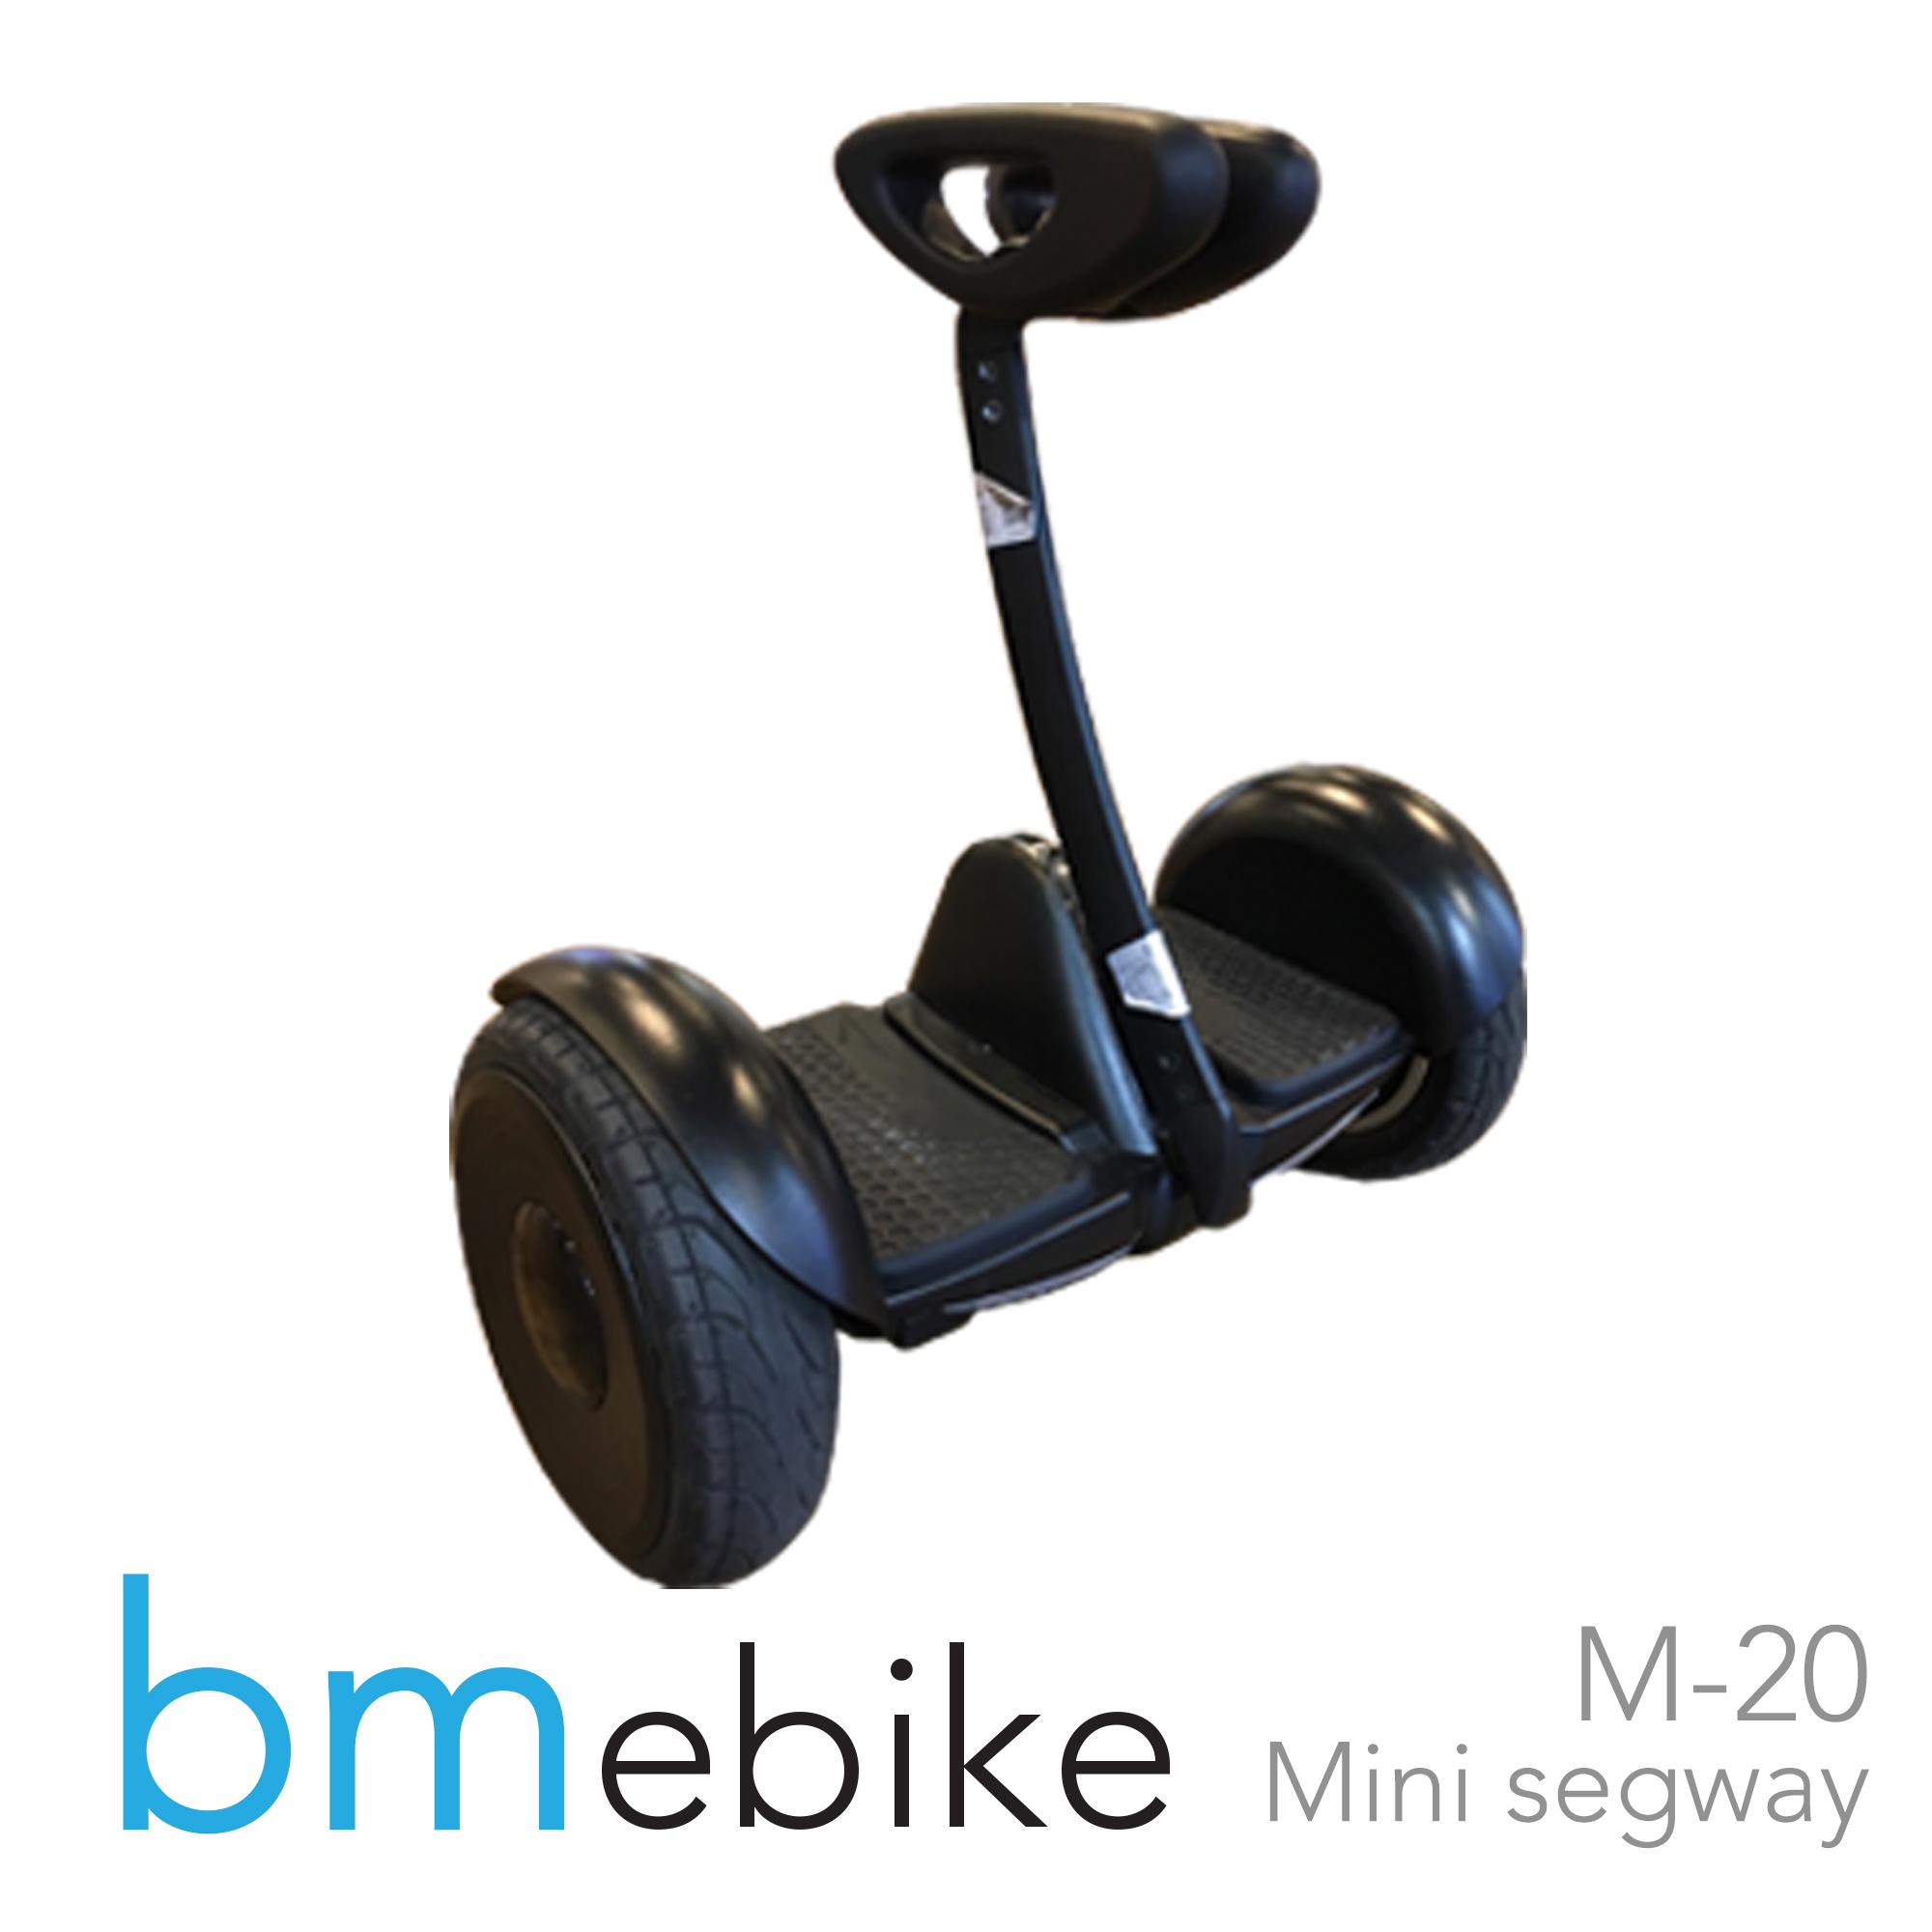 Mini Segway X-20 Hover Board